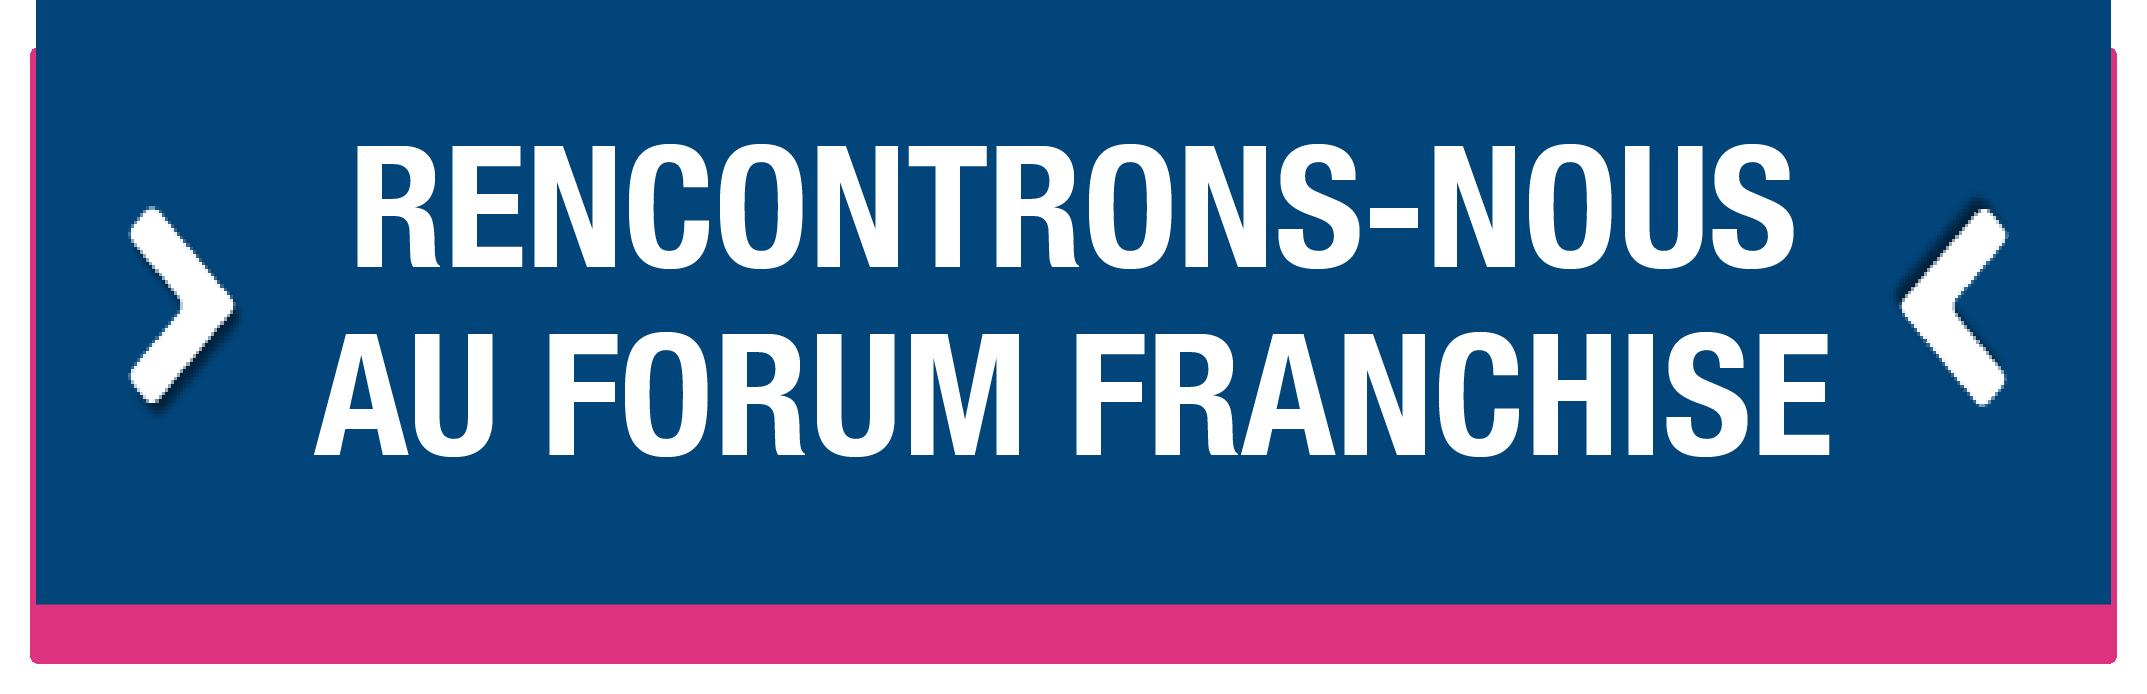 Rencontrez l'équipe Villas Club sur la Forum Franchise Lyon